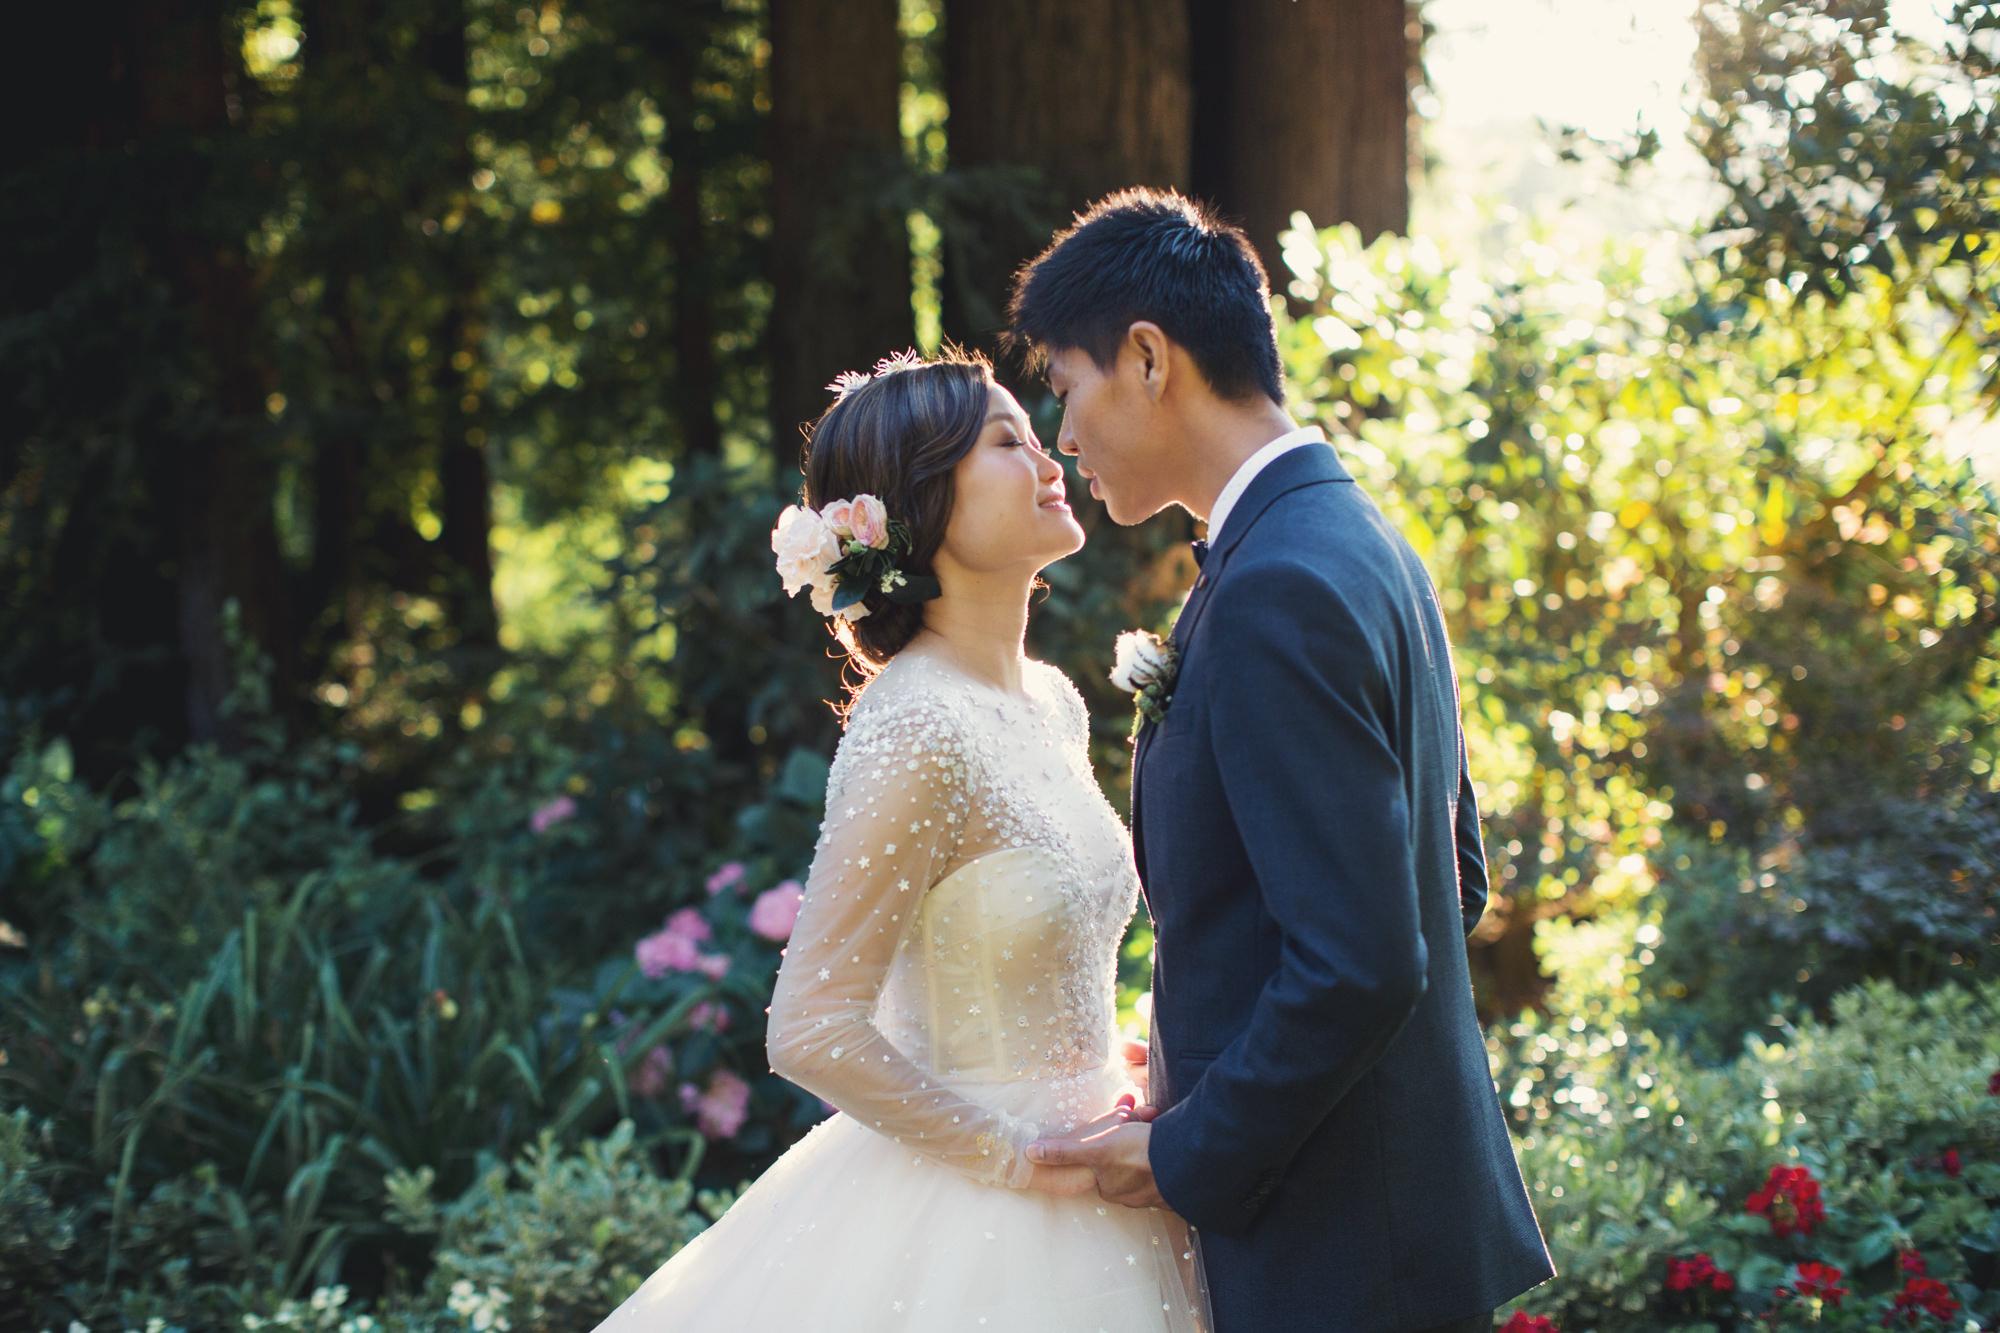 Fairytale Wedding in Nestldown ©Anne-Claire Brun 0057